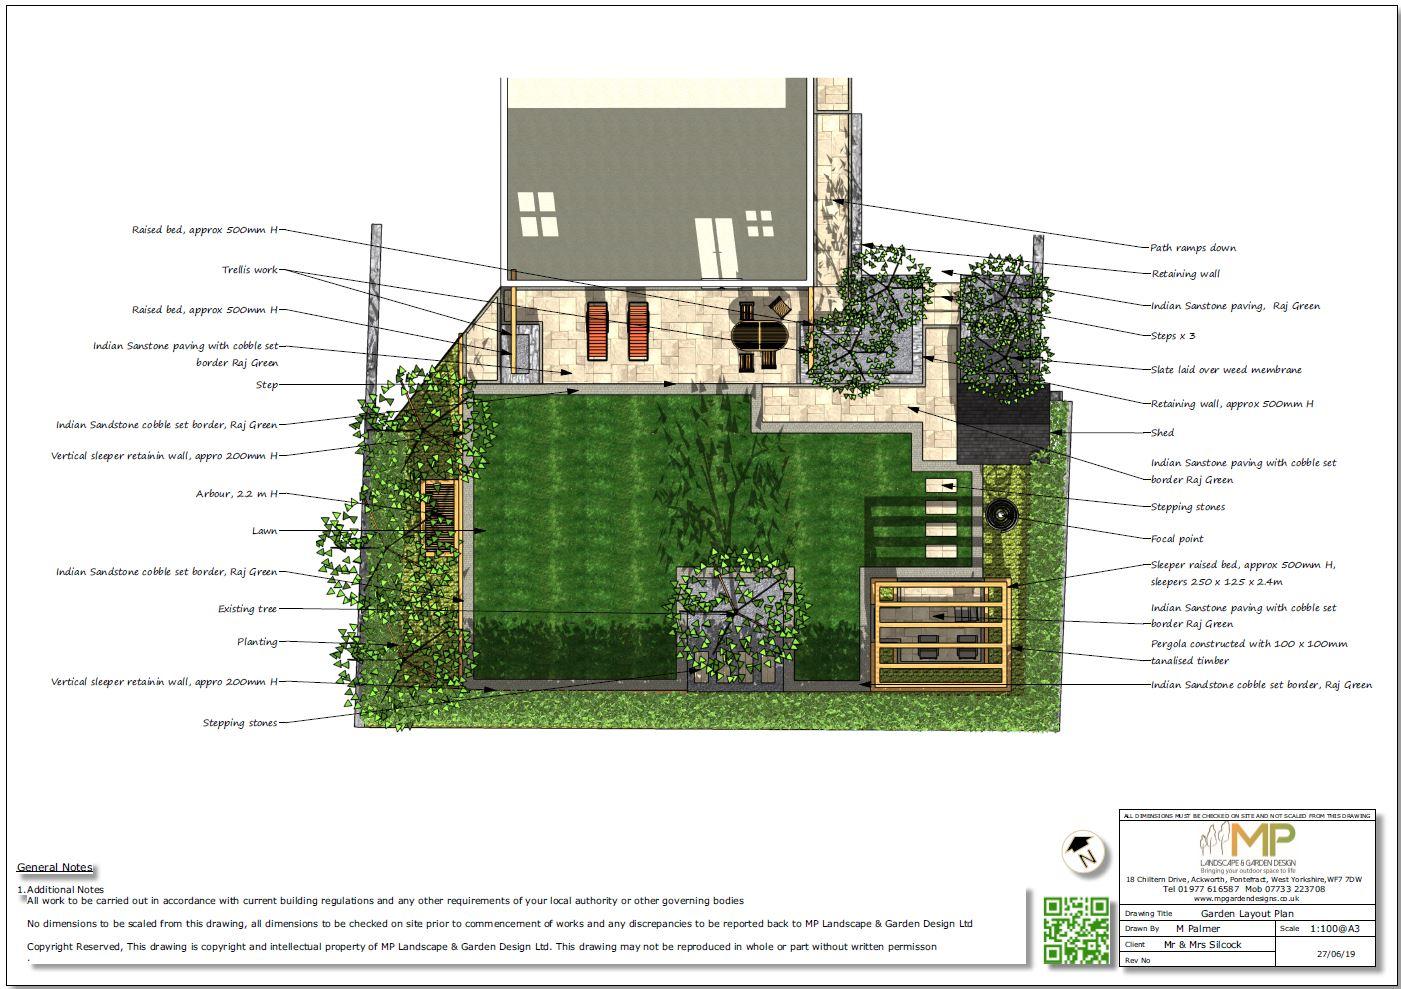 1, Garden layout plan for a property in Mickelfield